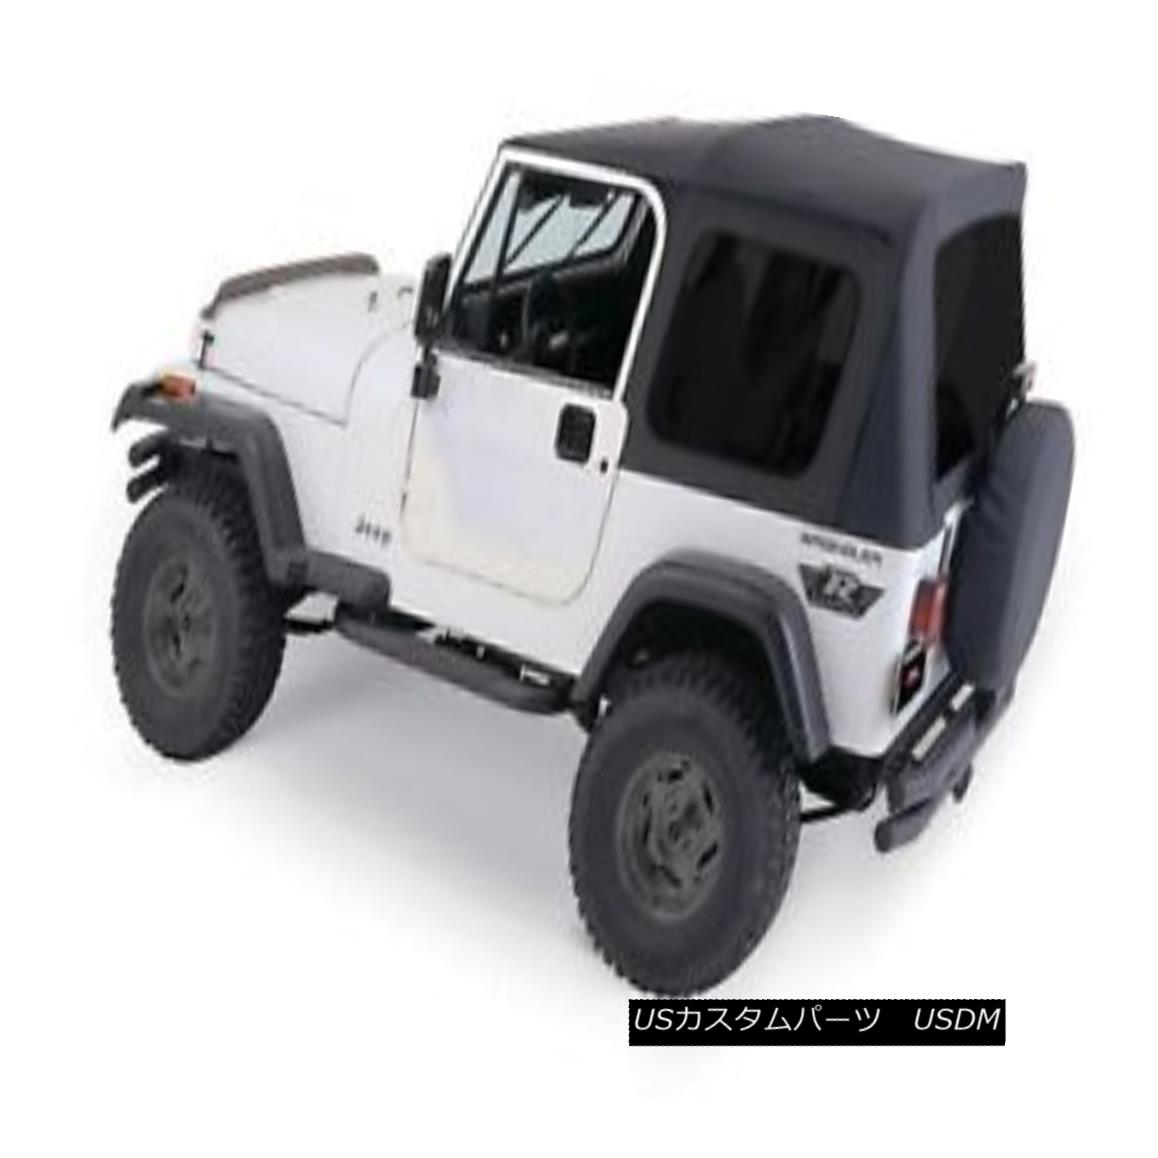 幌・ソフトトップ Jeep yj rampage soft top with tinted windows an EXTRAS!!!! Frame not included ジープyjは、色あせた窓が付いたソフトトップとEXTRAS !!!! フレームは含まれていません